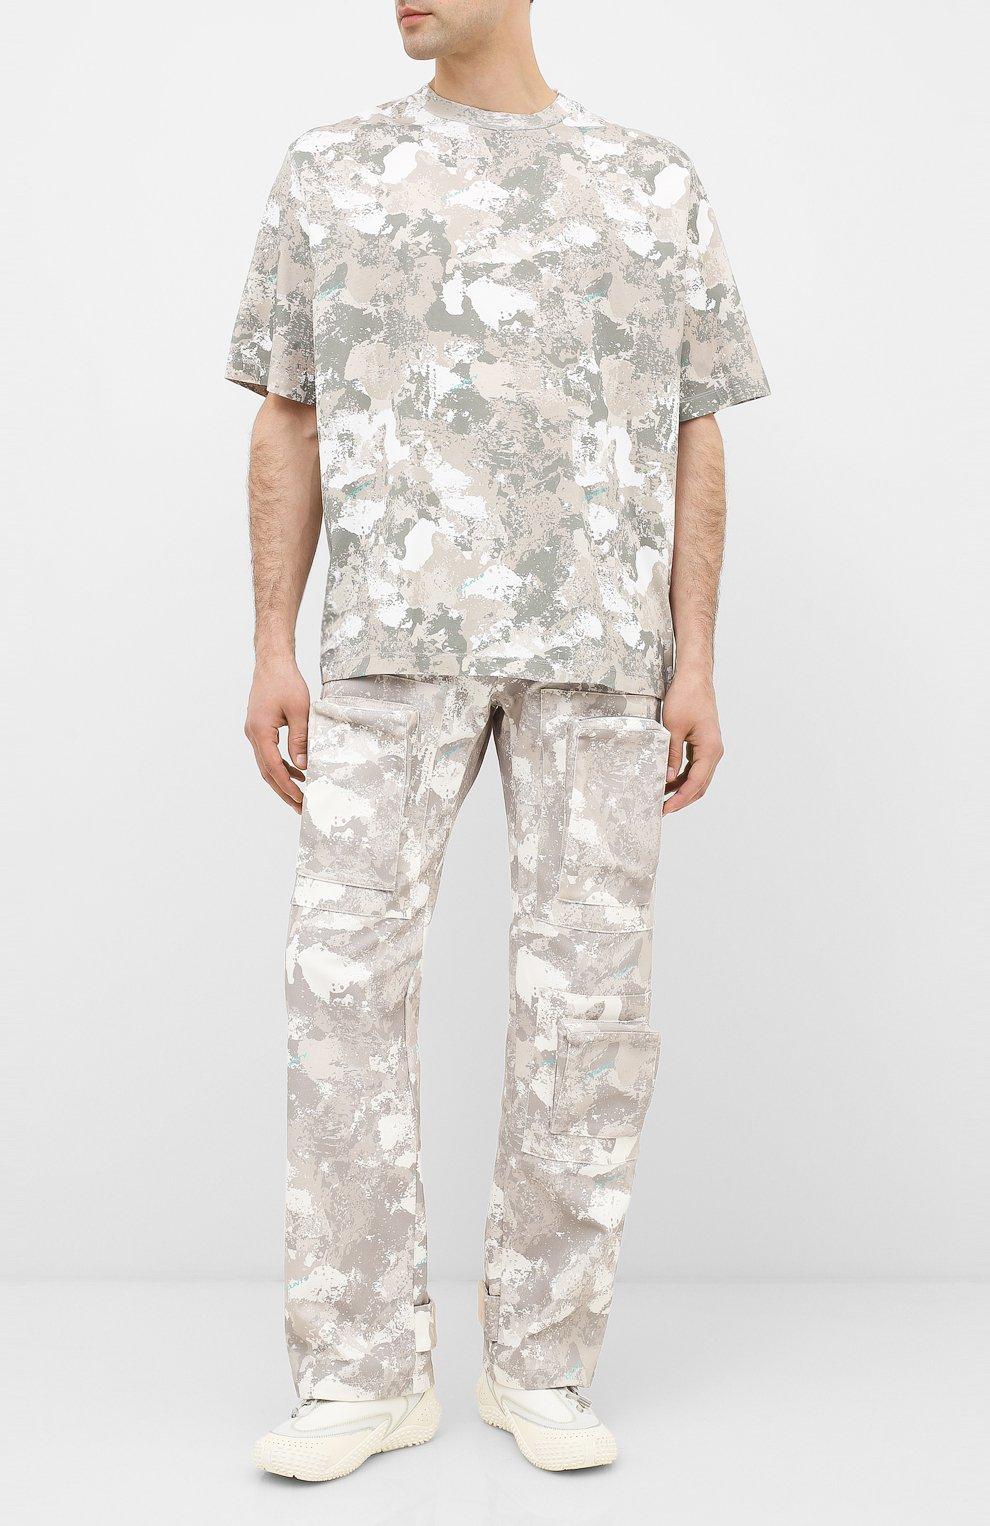 Мужская хлопковая футболка MARCELO BURLON бежевого цвета, арт. CMAA054E20JER007   Фото 2 (Рукава: Короткие; Длина (для топов): Стандартные; Мужское Кросс-КТ: Футболка-одежда; Материал внешний: Хлопок; Стили: Кэжуэл)